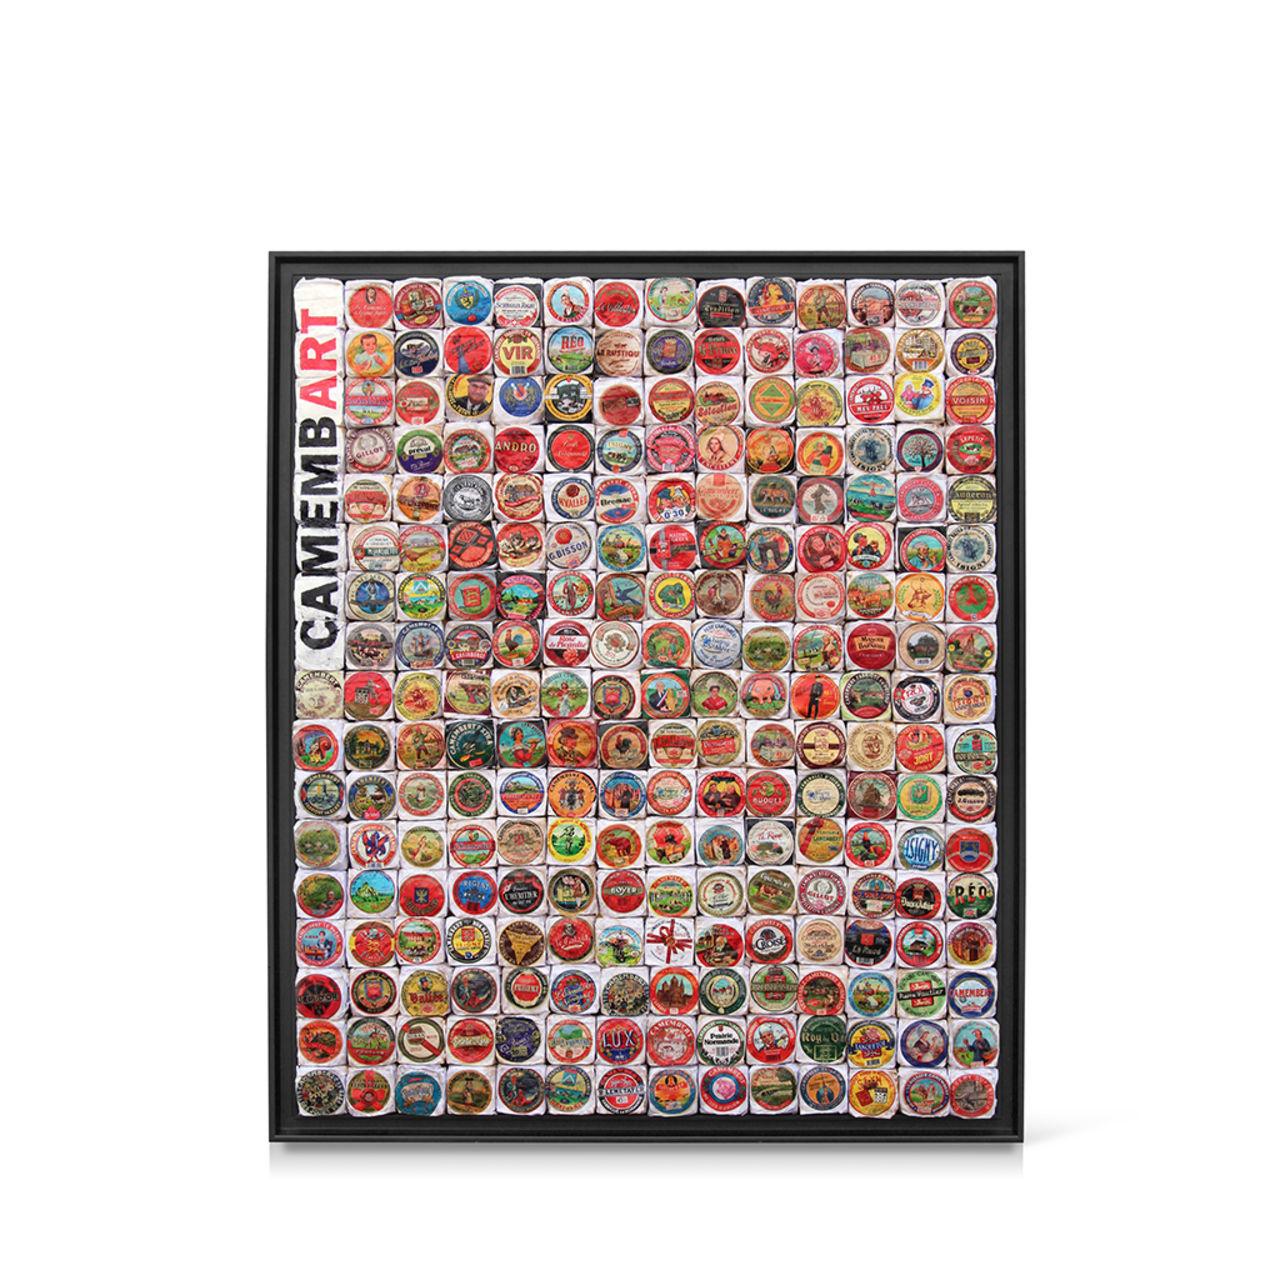 jean-michel buche 99 - Camembart 110x130cm